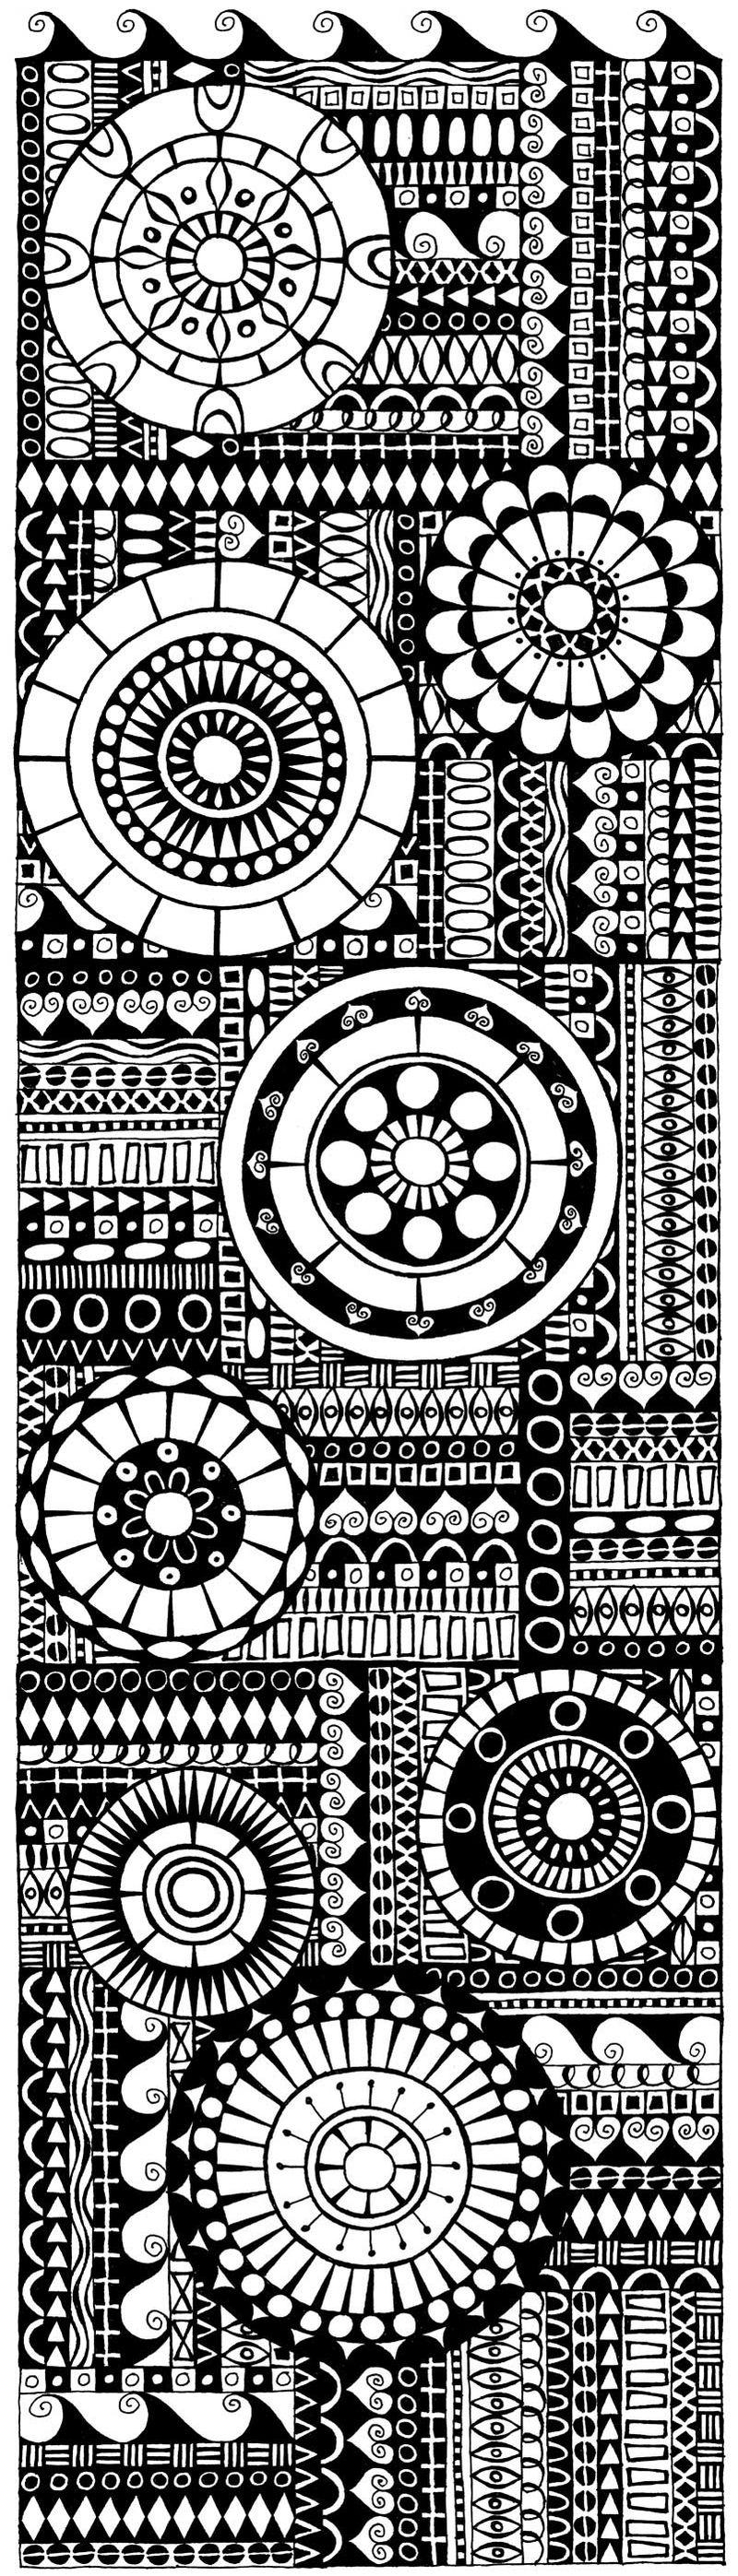 Doodle233